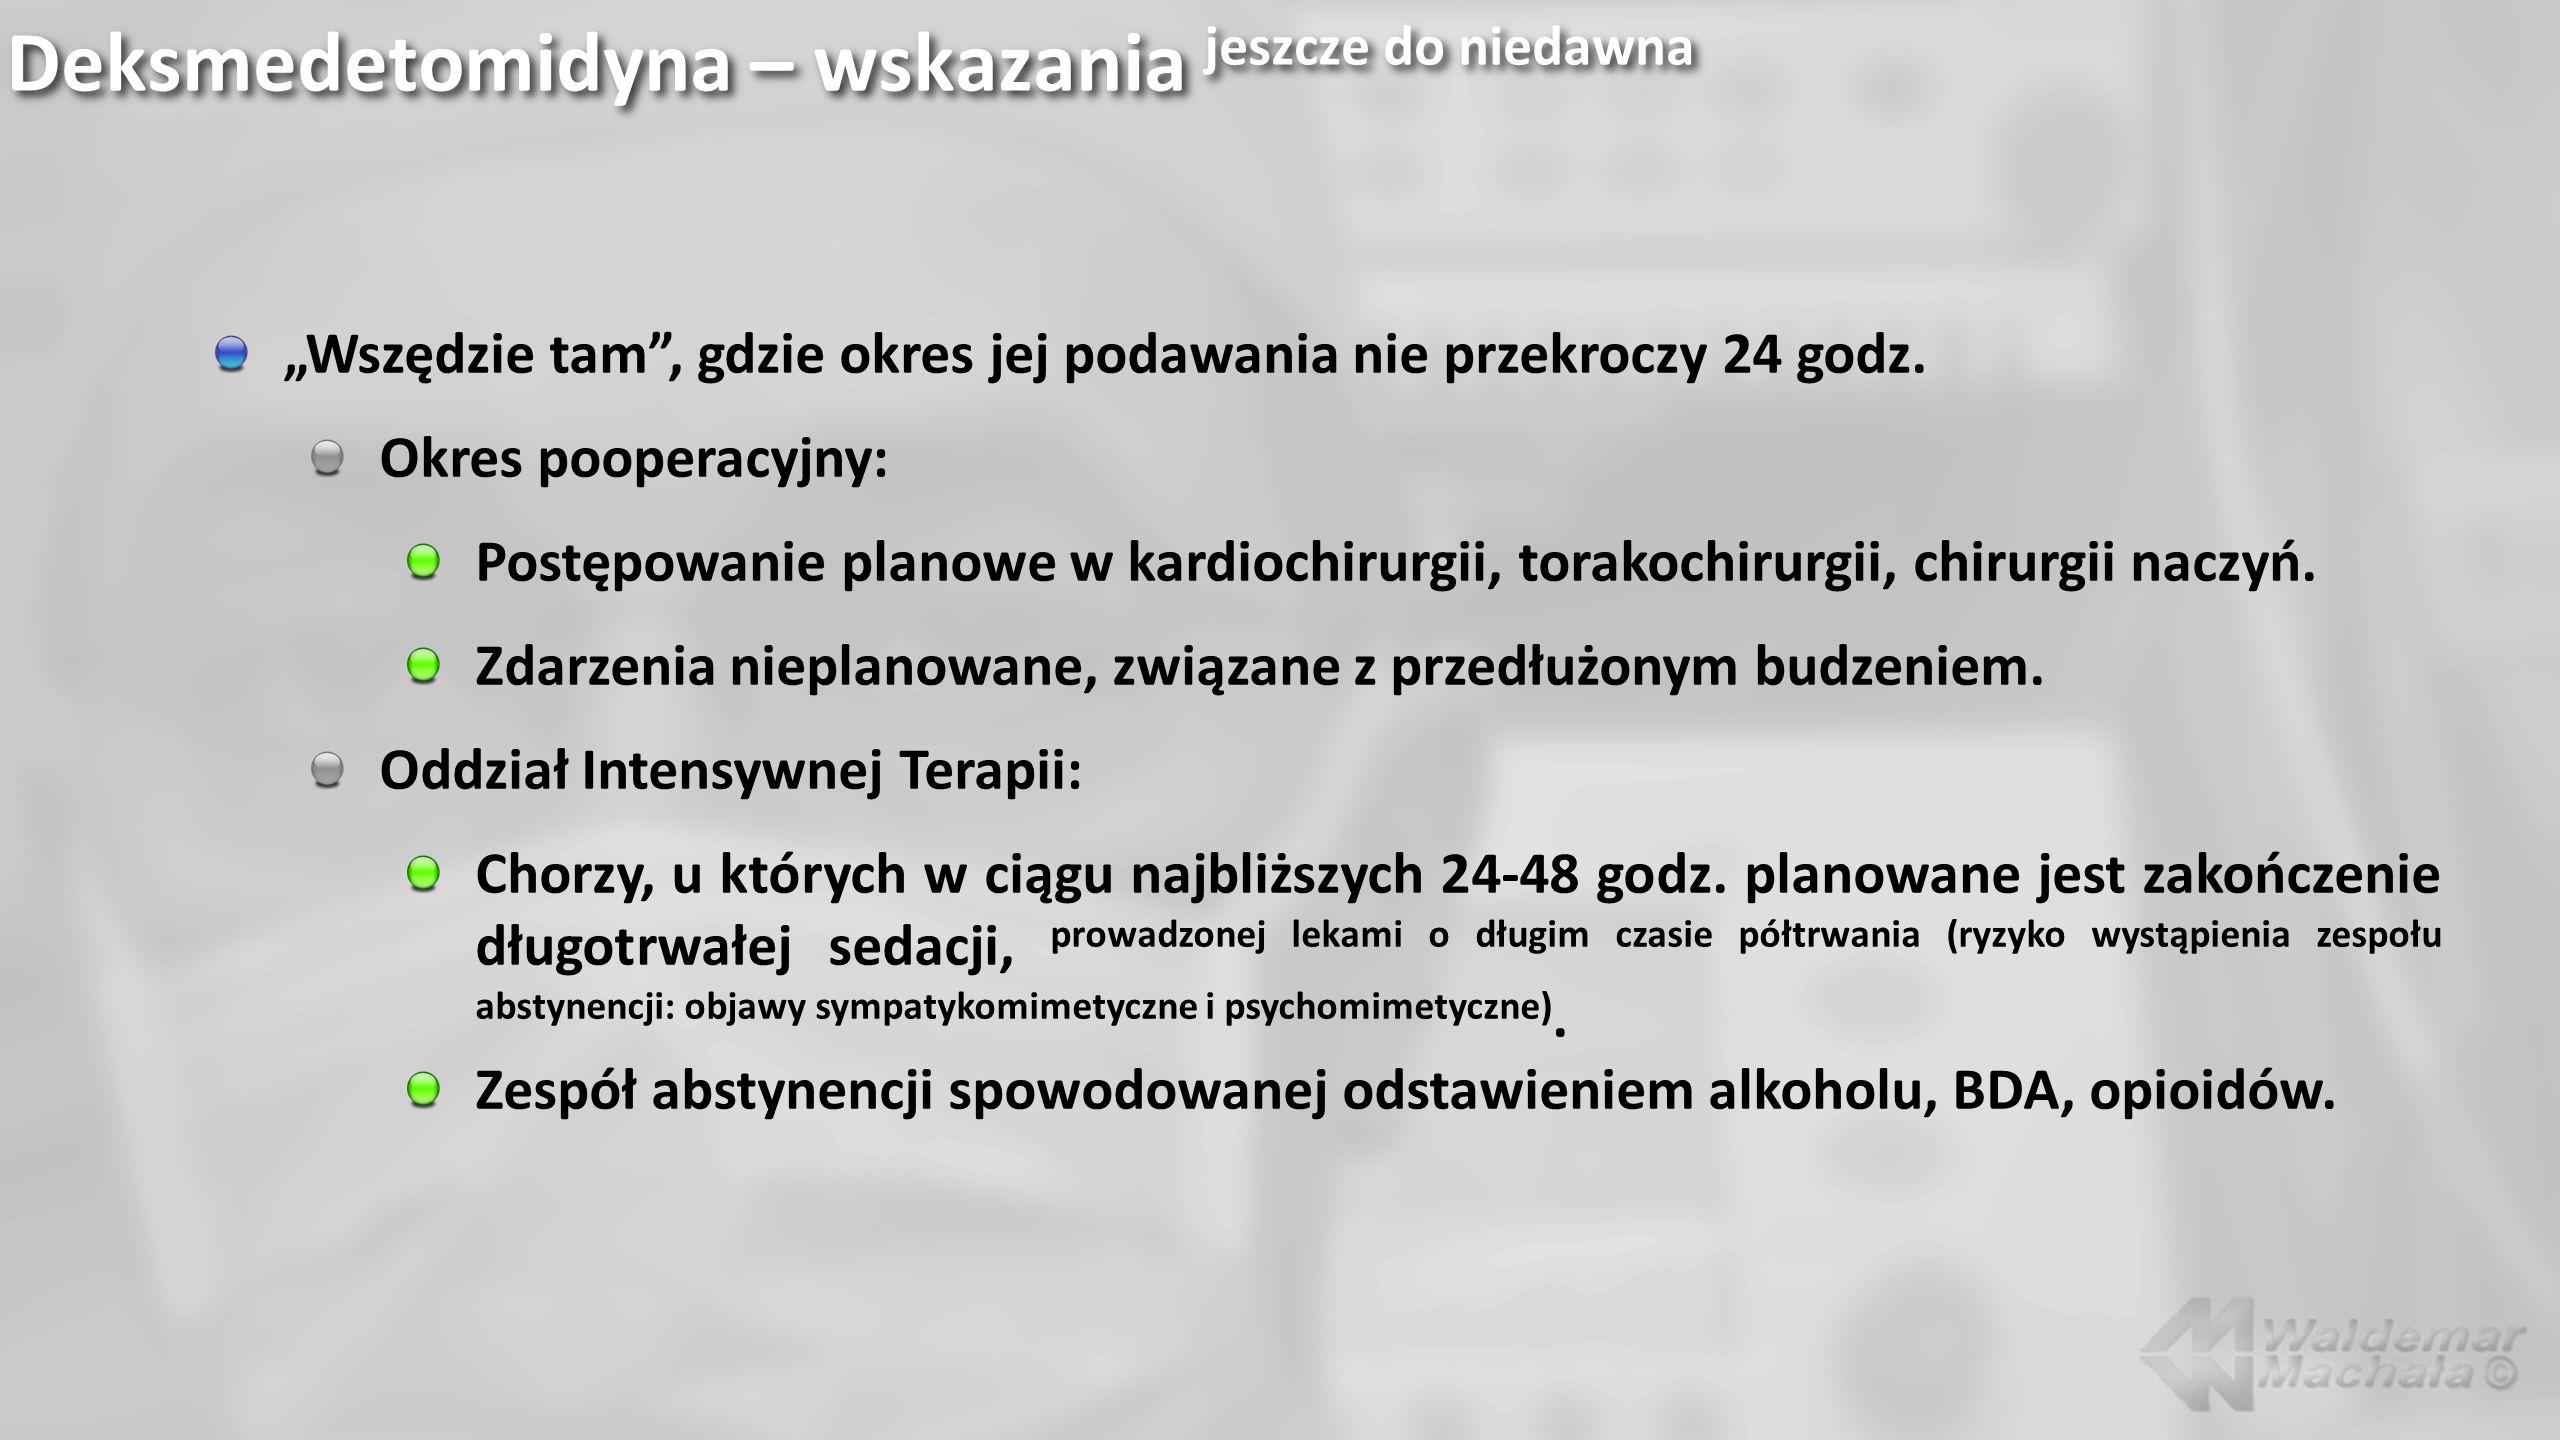 Deksmedetomidyna – wskazania jeszcze do niedawna